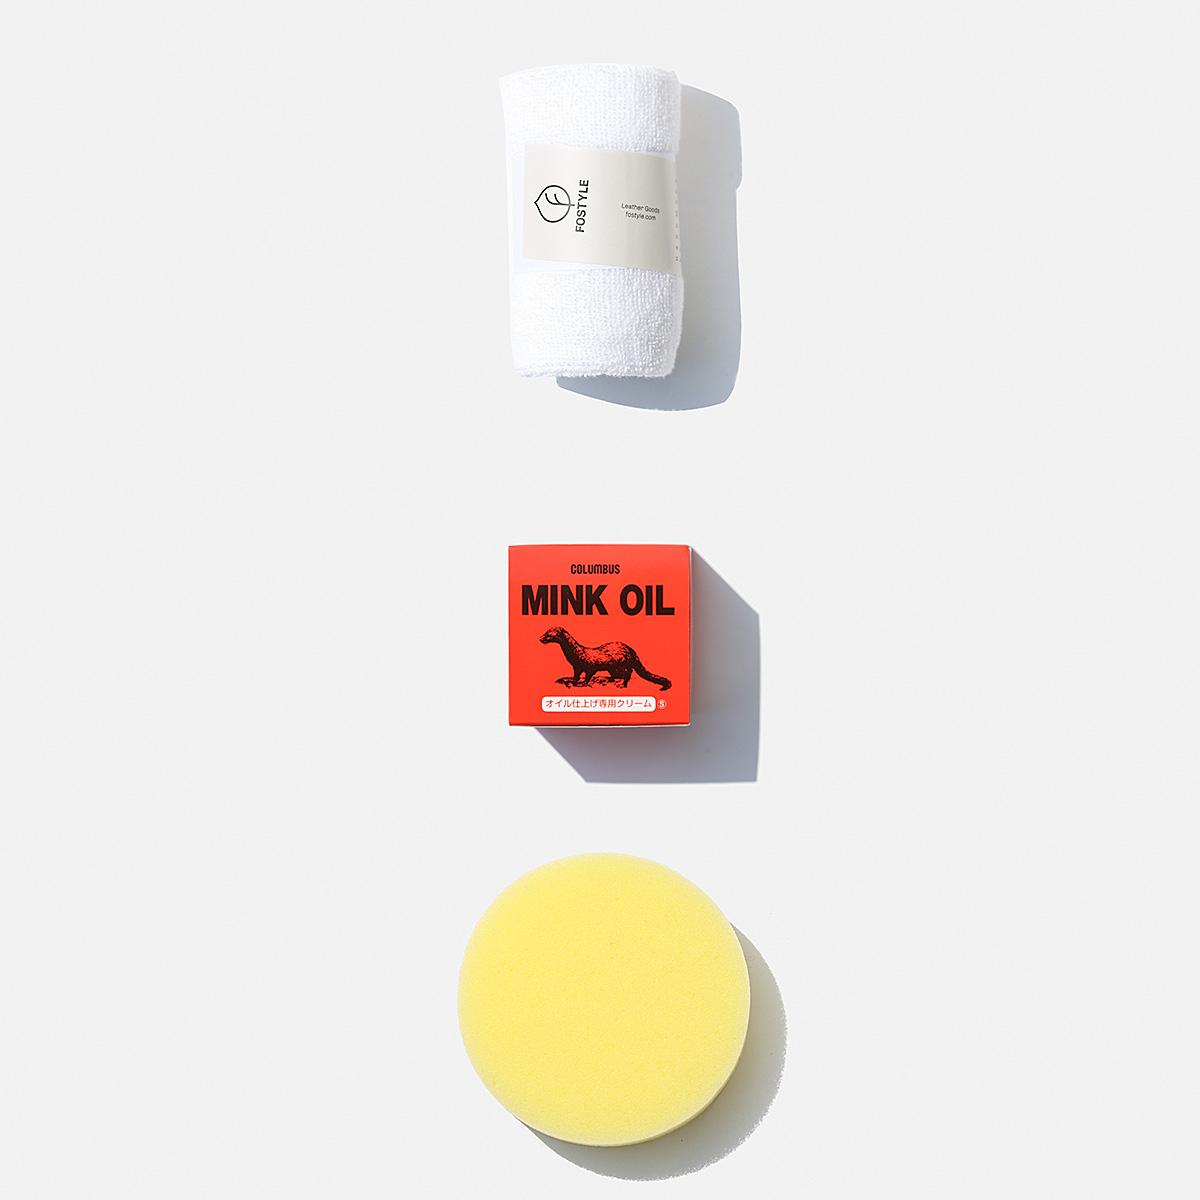 植鞣皮革護理保養油 哥倫布斯/COLUMBUS黃狼貂油 /TARRAGO防水油